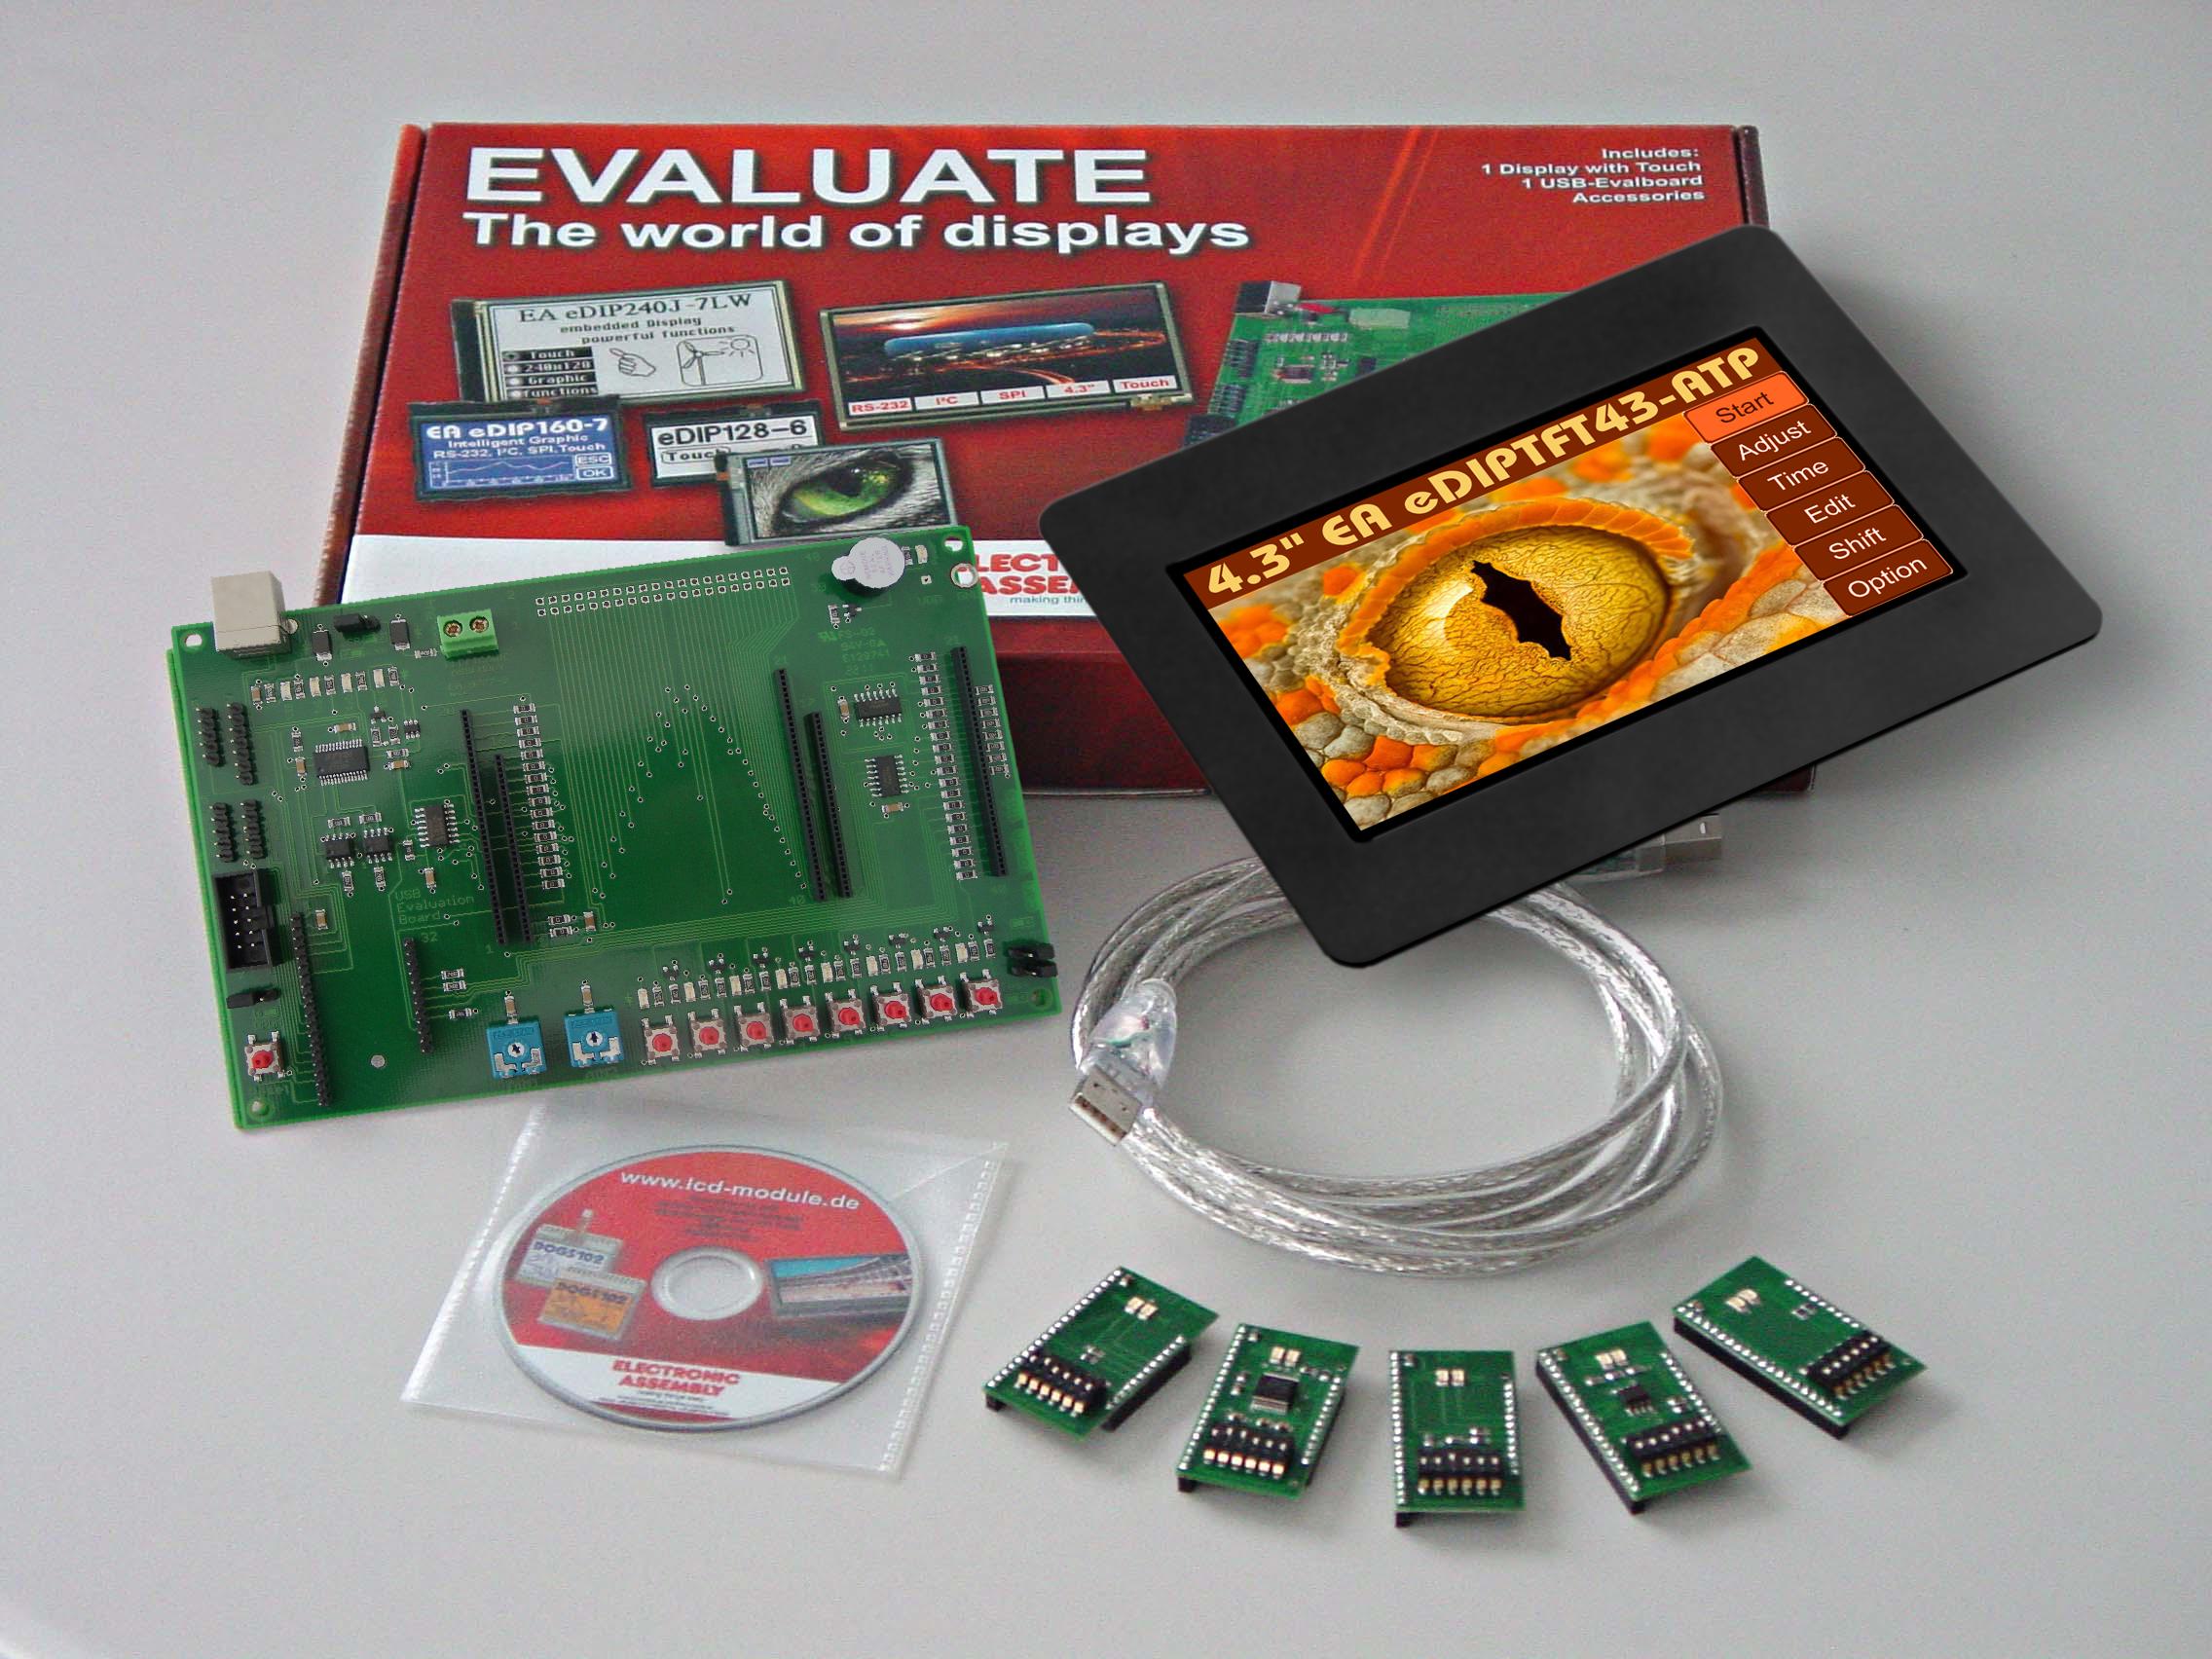 Evaluation KIT with EA eDIPTFT43-ATC